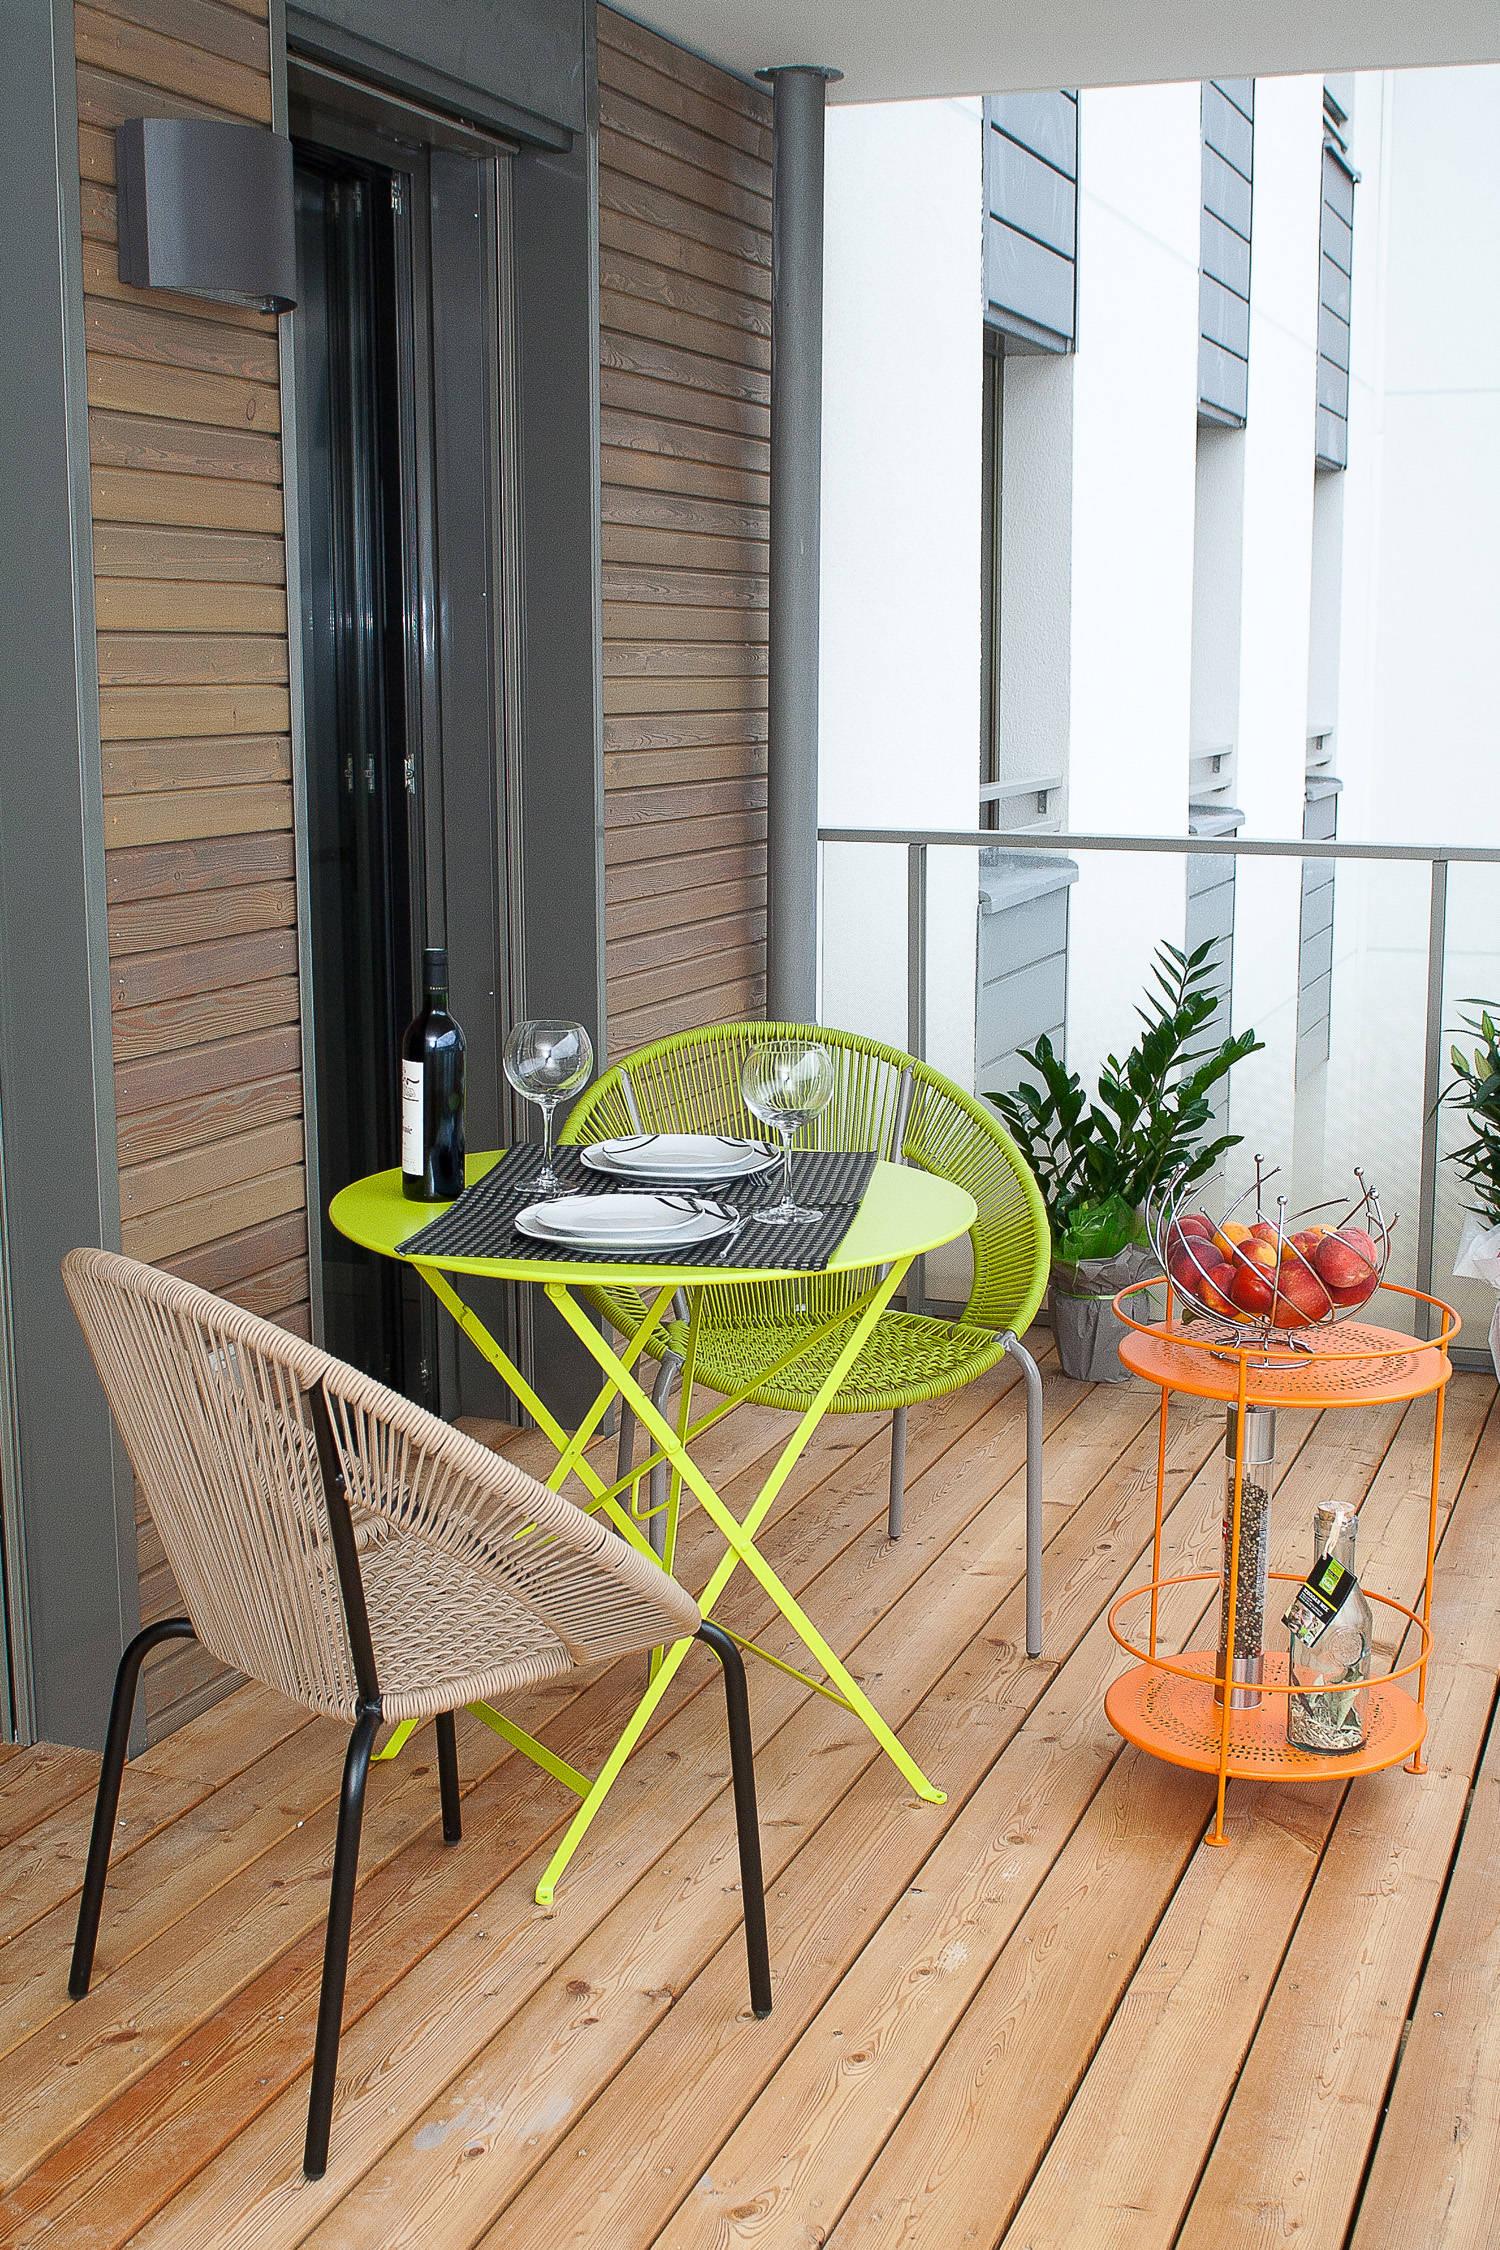 Terraza con sillas flúor amarilla y naranja